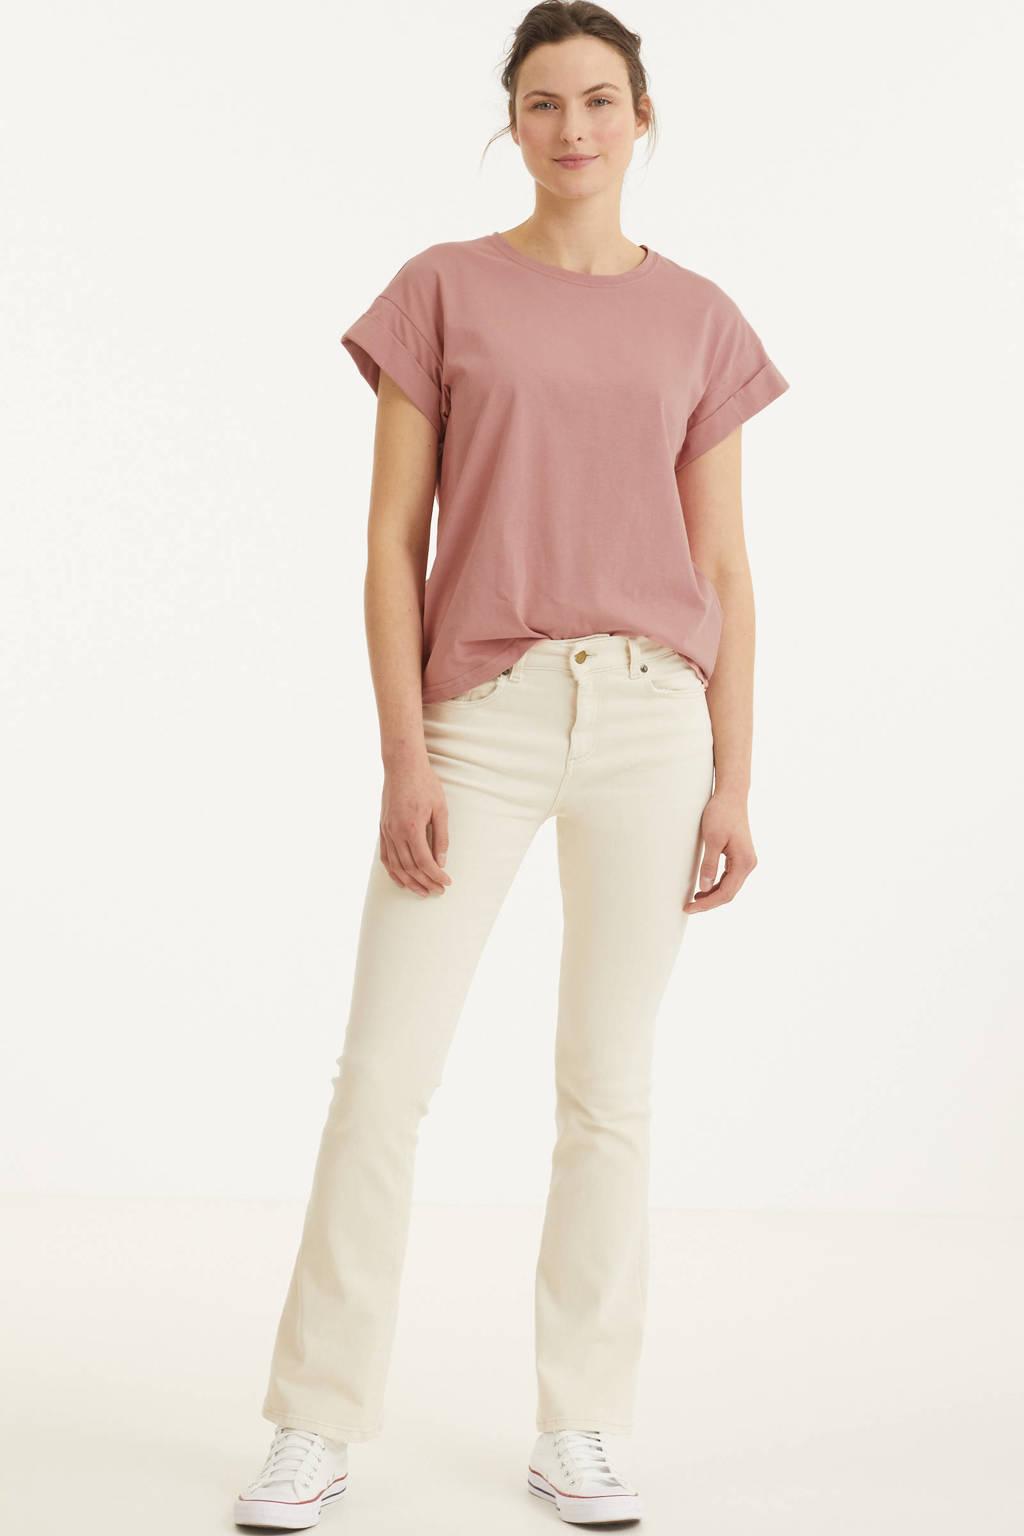 Lois high waist flared jeans 2007 Raval-16 6384 Nicci Ecru ecru